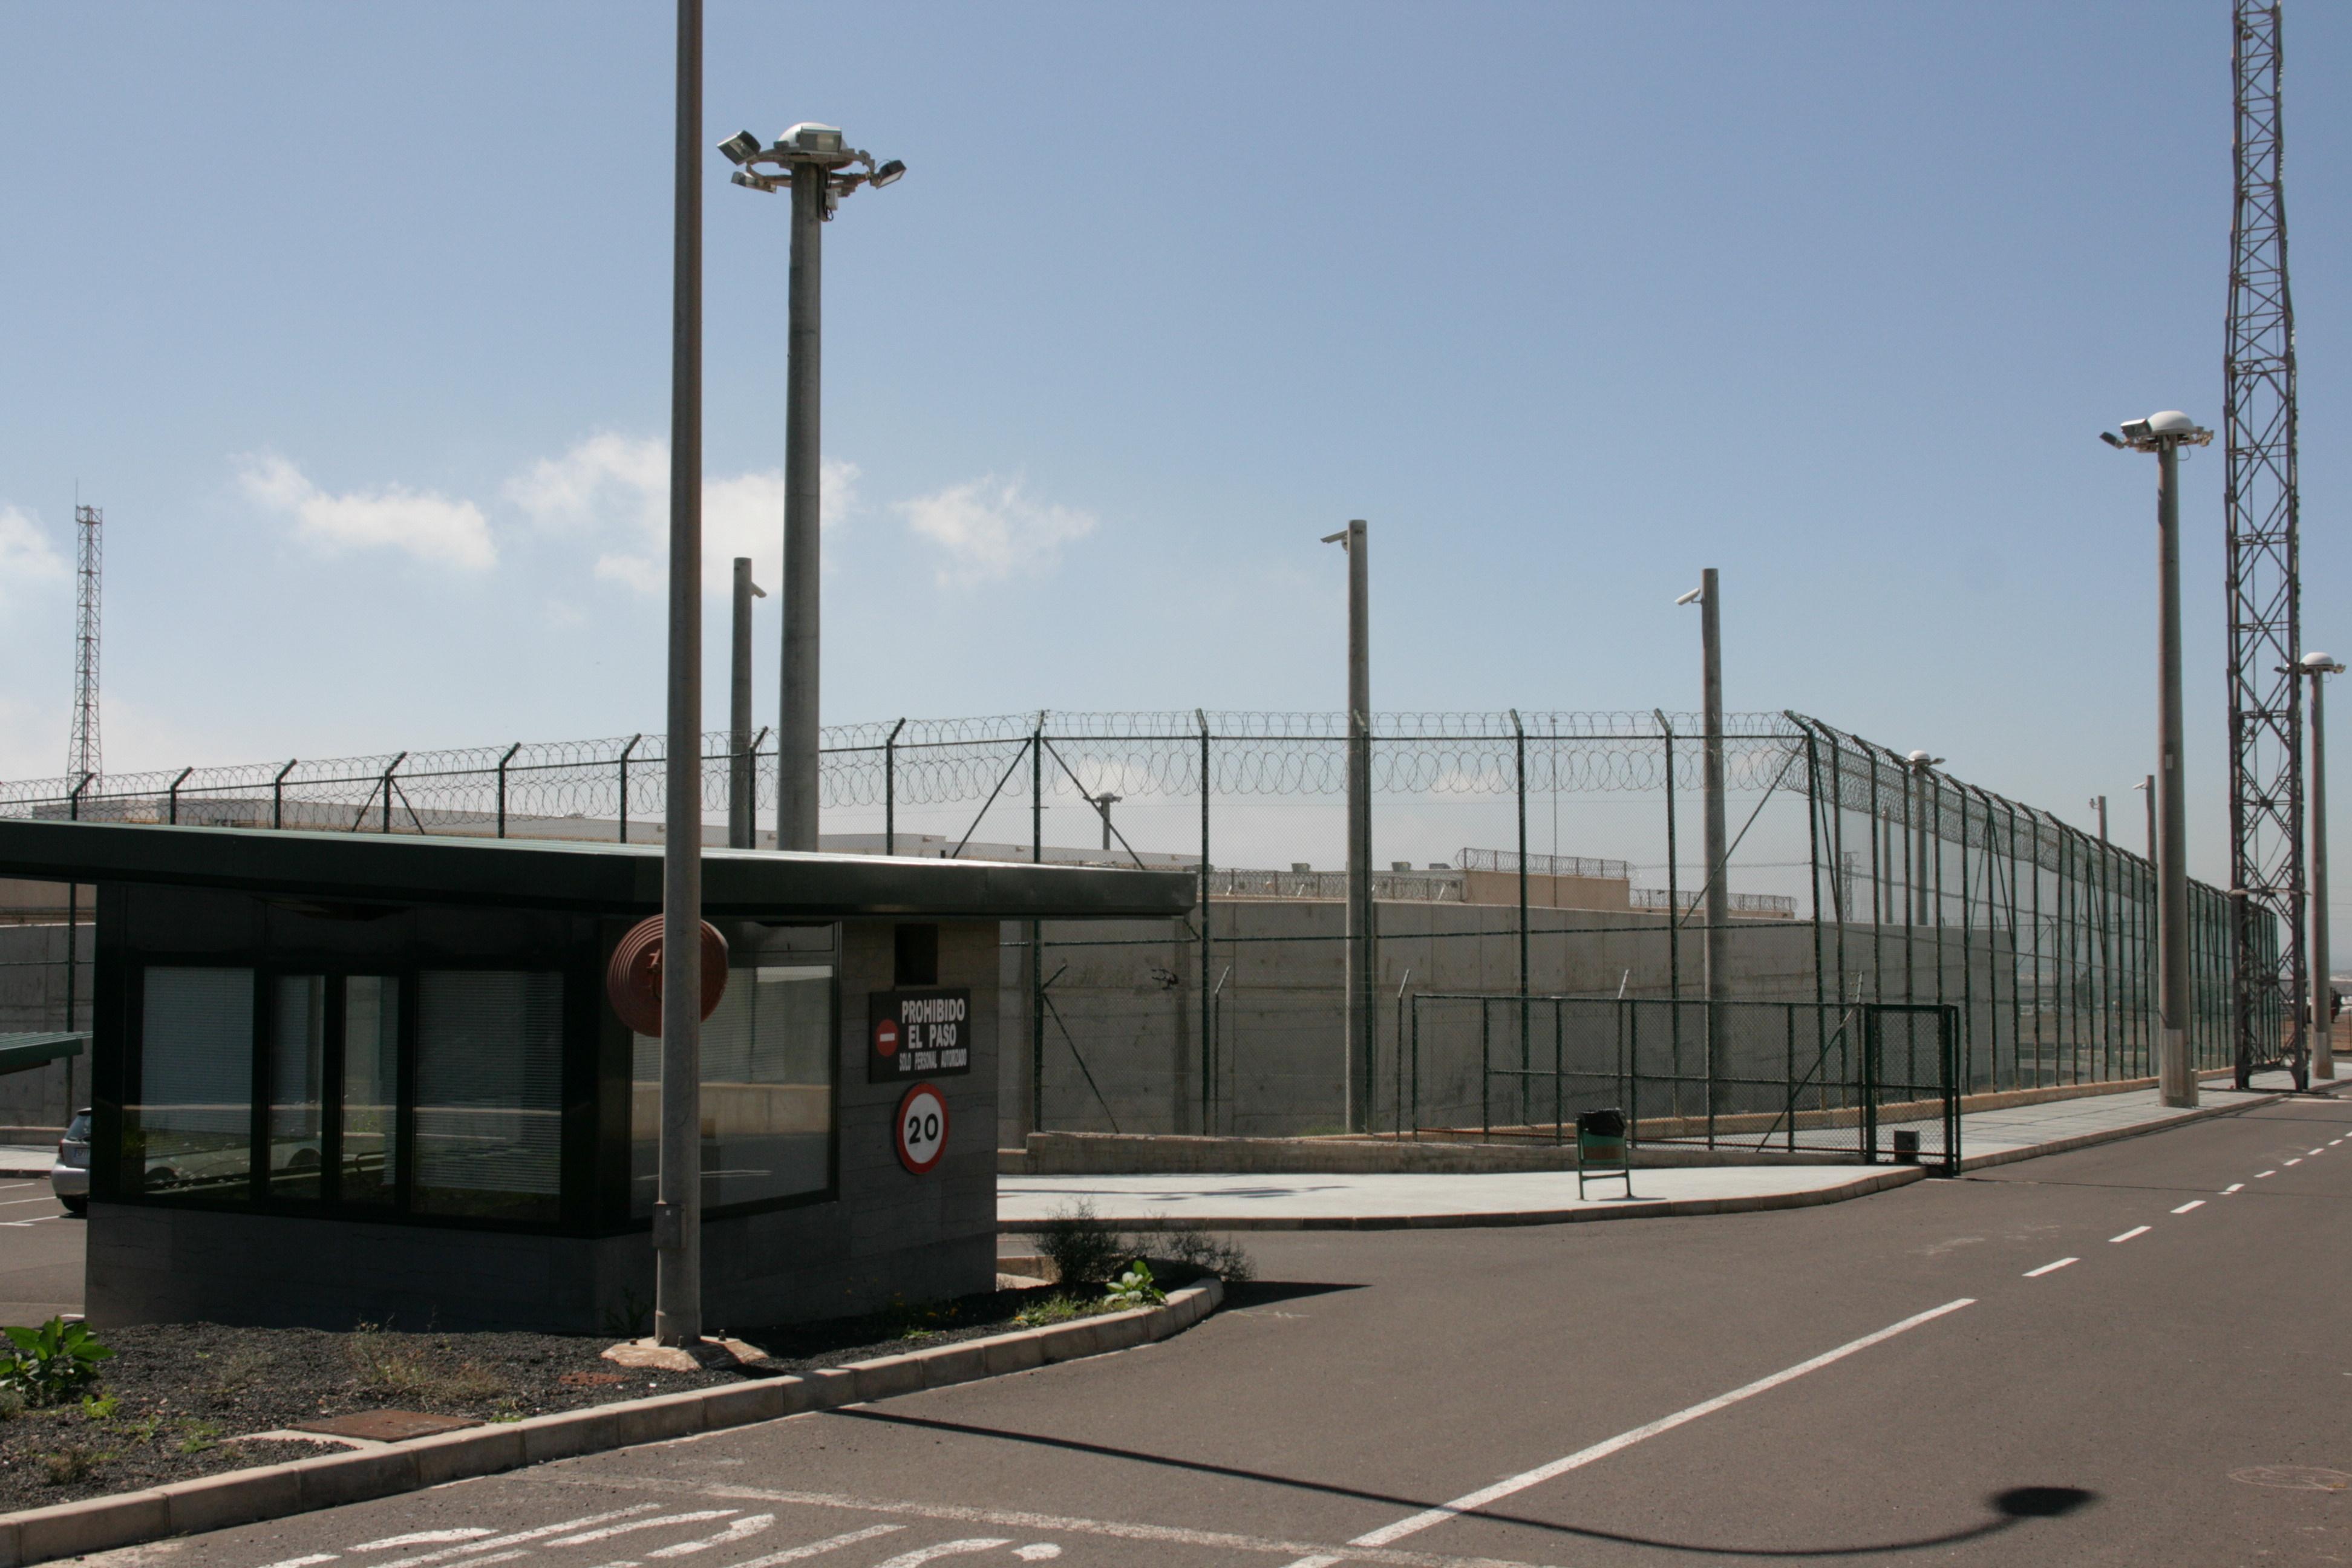 La libertad provisional con cautelar se debe compensar al calcular el tiempo de prisión